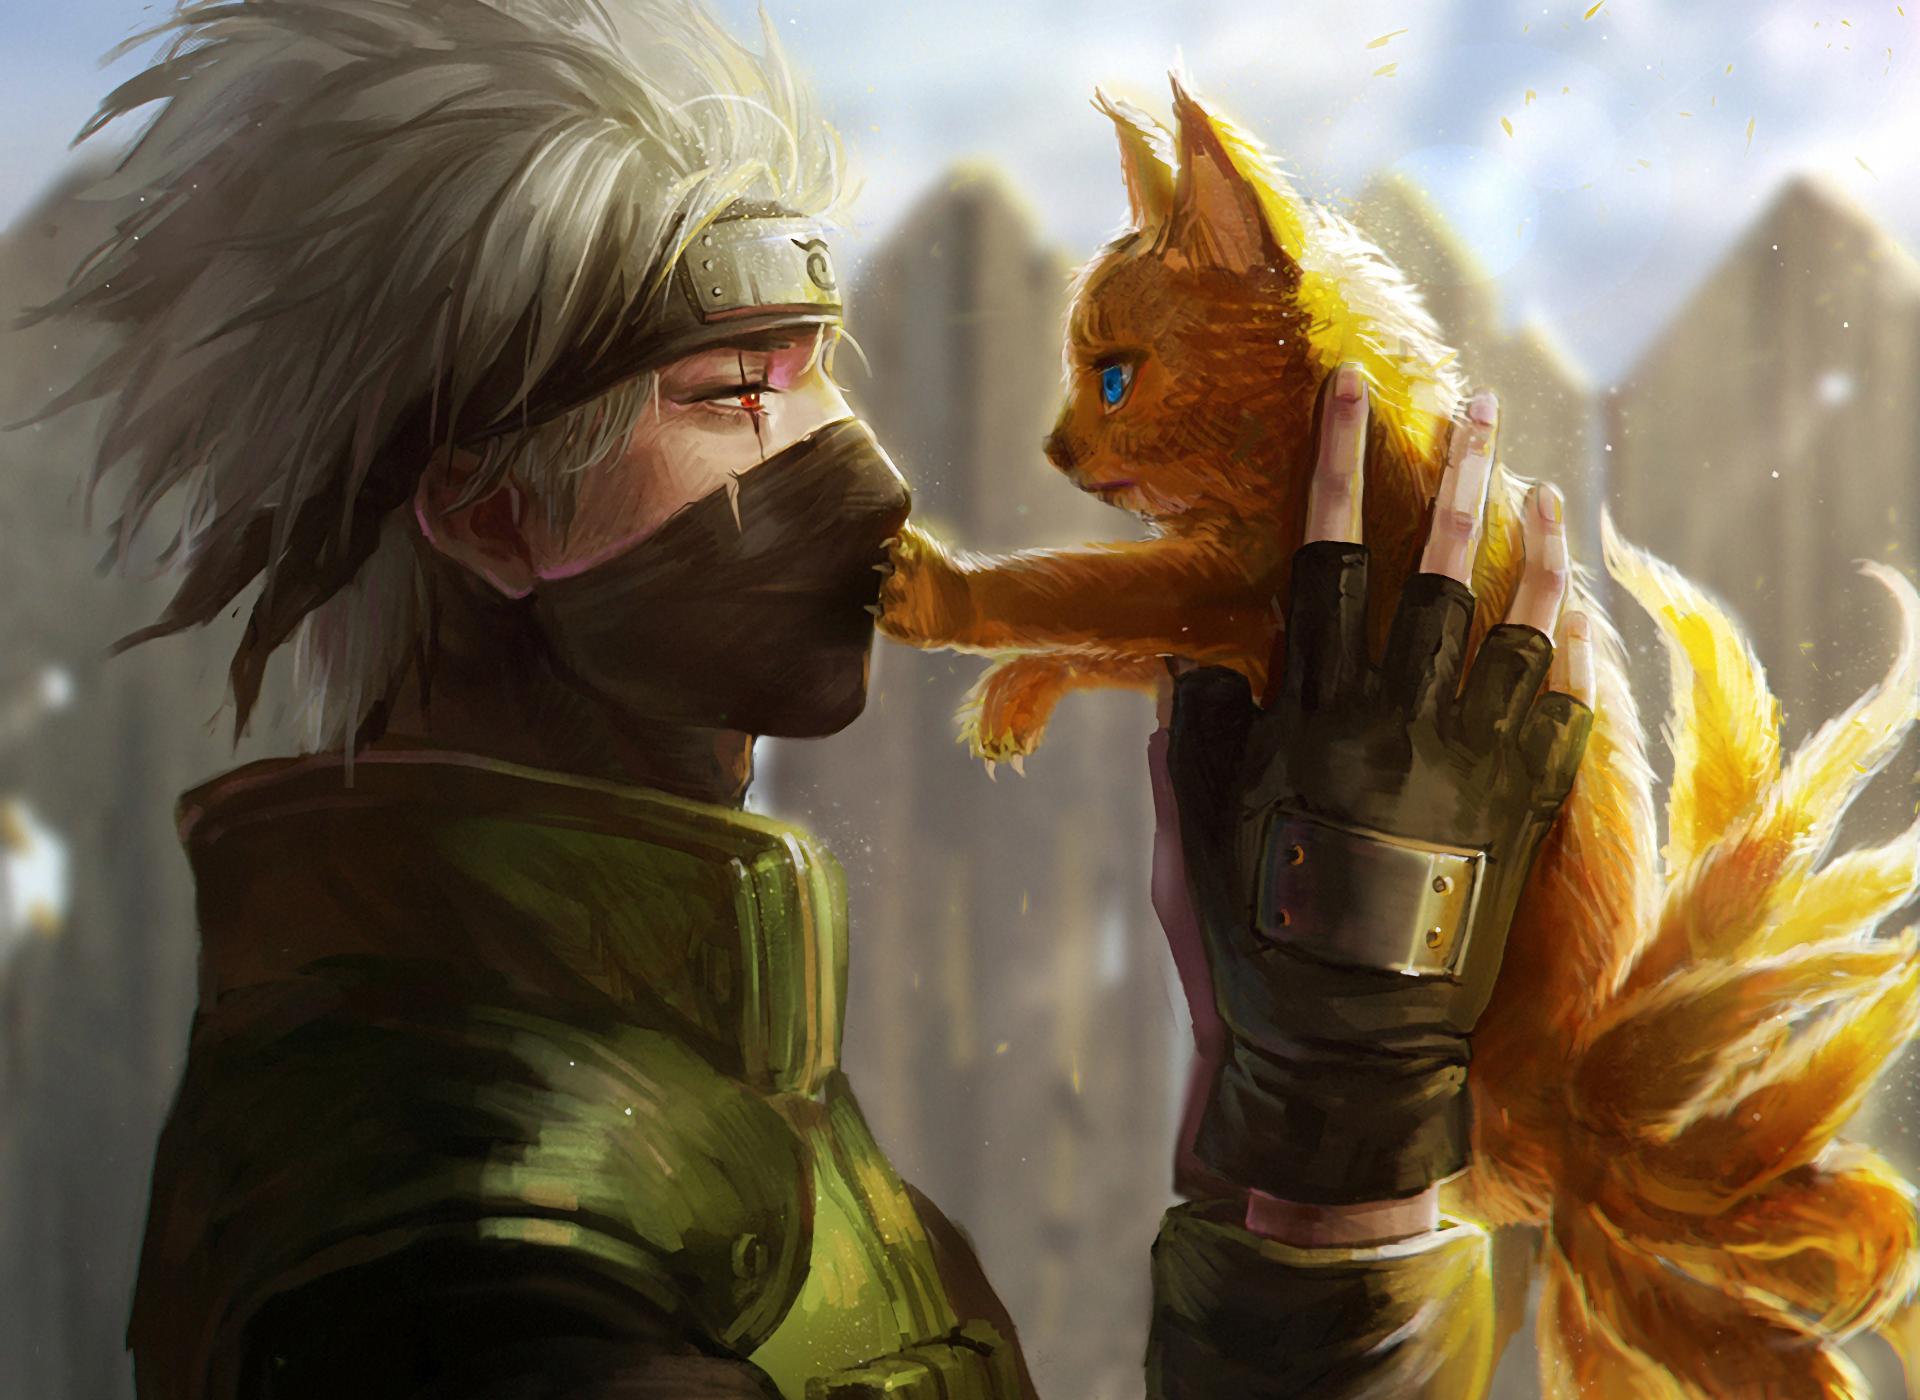 Fond d 39 cran anime ninja hatake kakashi naruto - Naruto renard ...